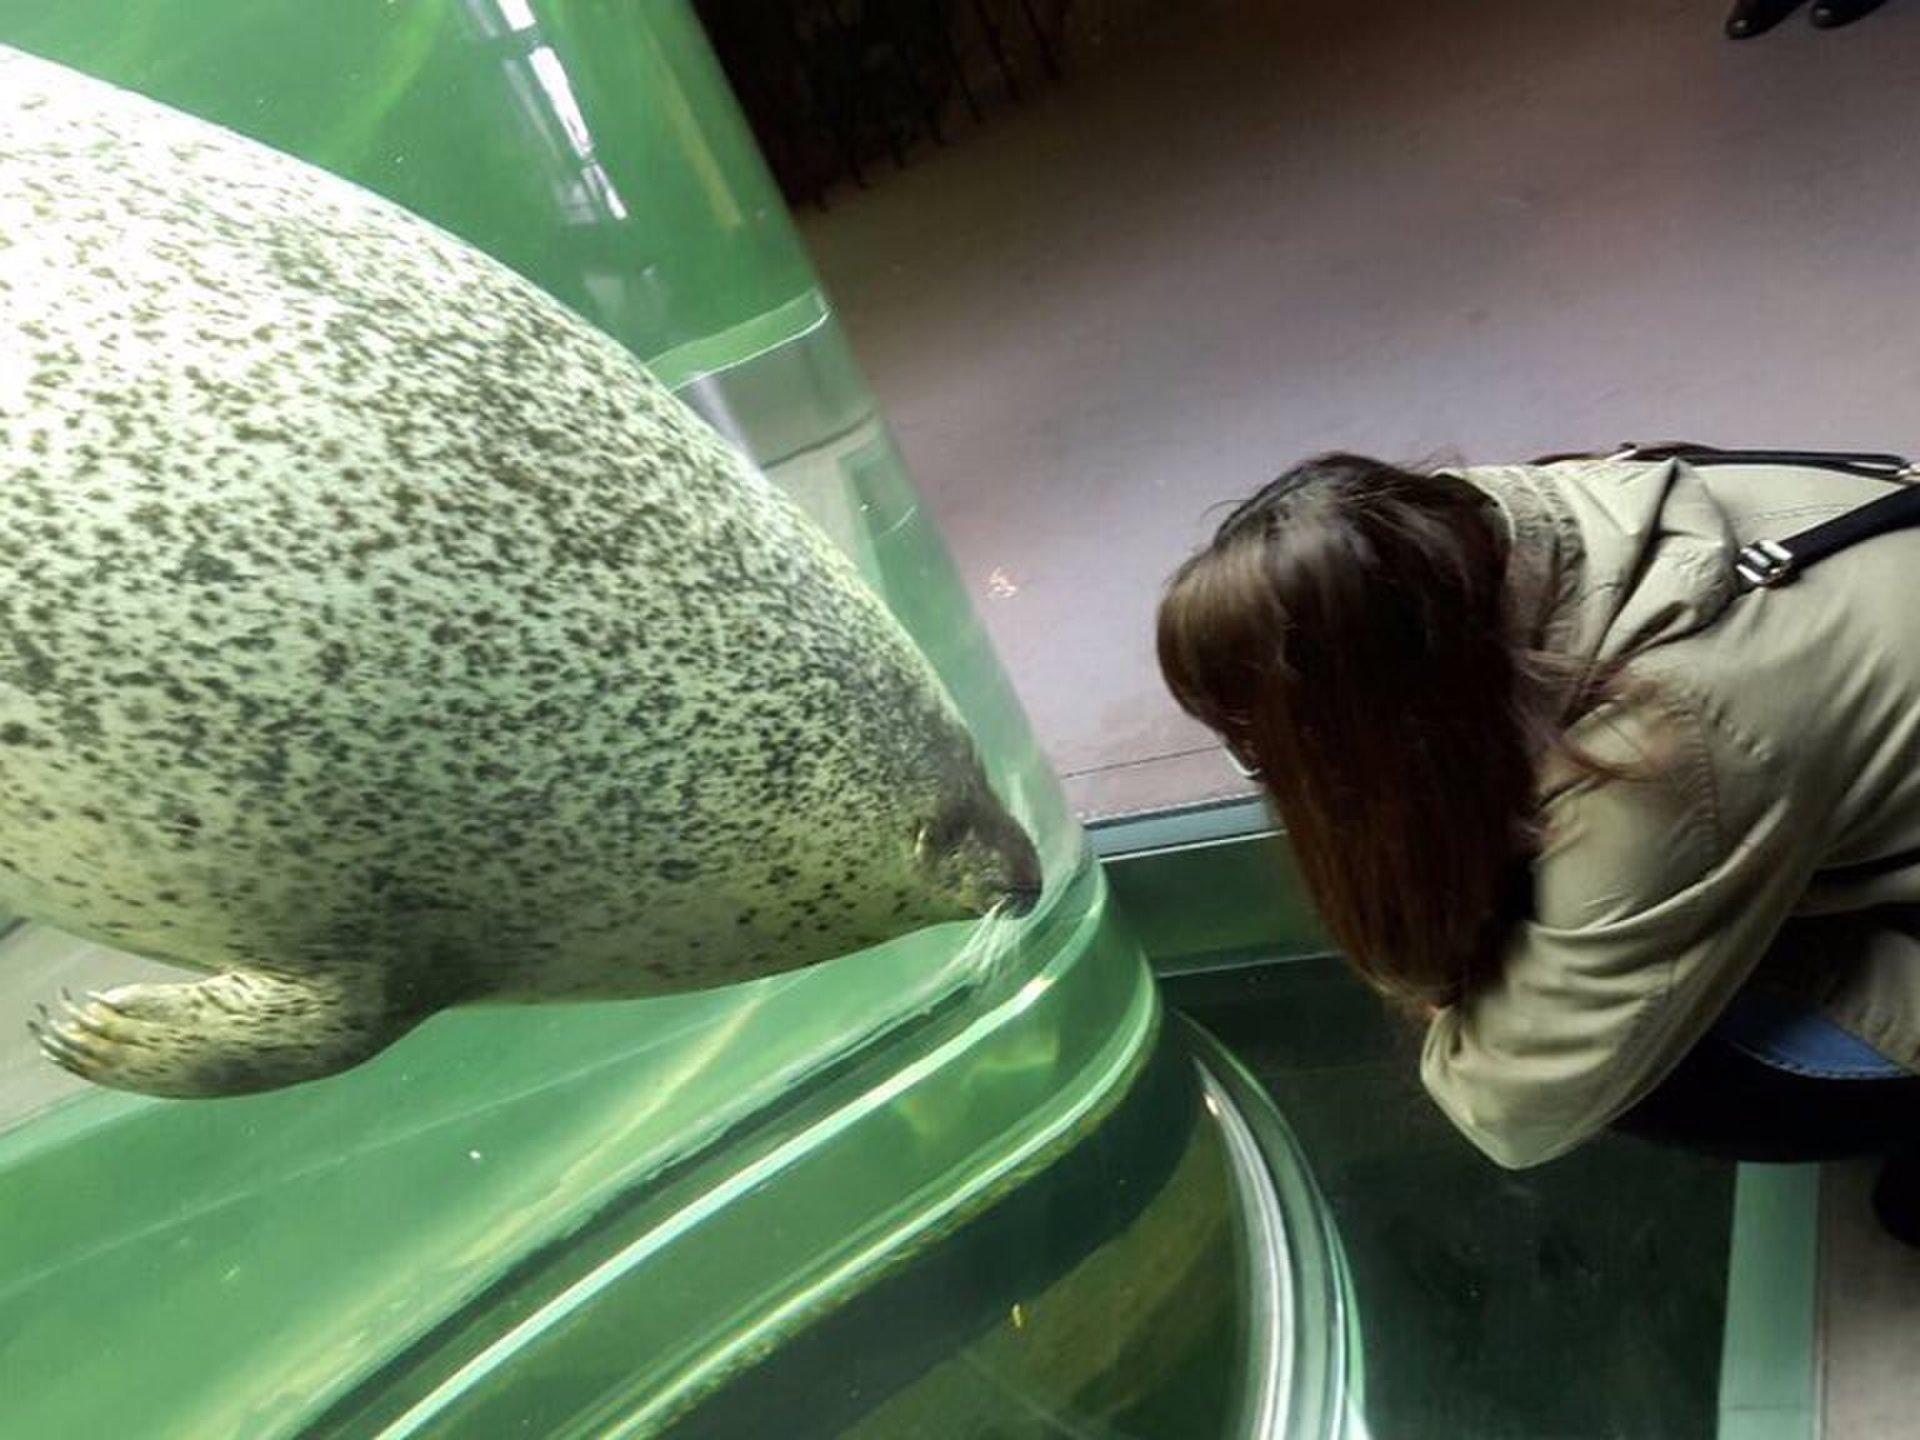 【日本最北の動物園!】旭山動物園は野生に近い動物の姿が見られるって本当?